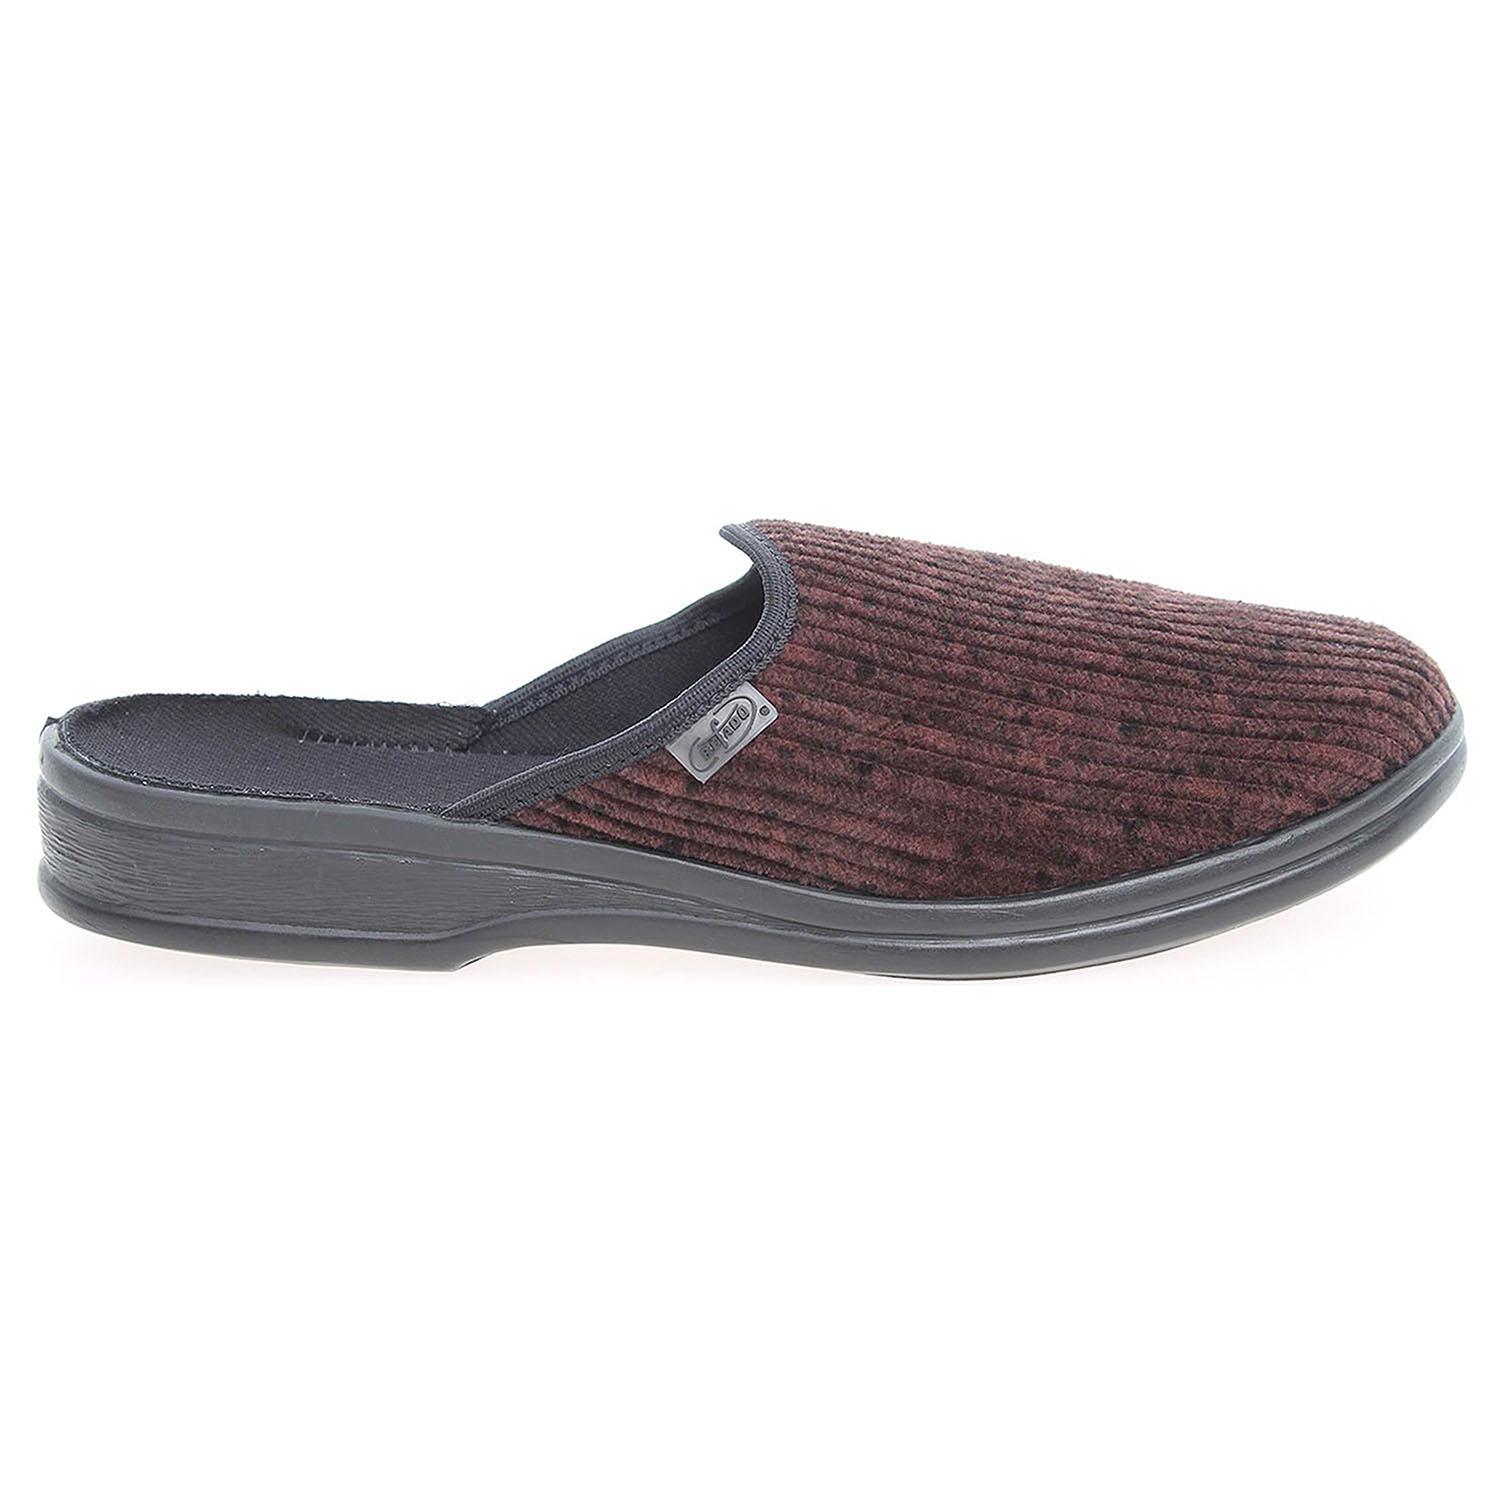 Ecco Befado pánské domácí pantofle 089M390 hnědé 24800238